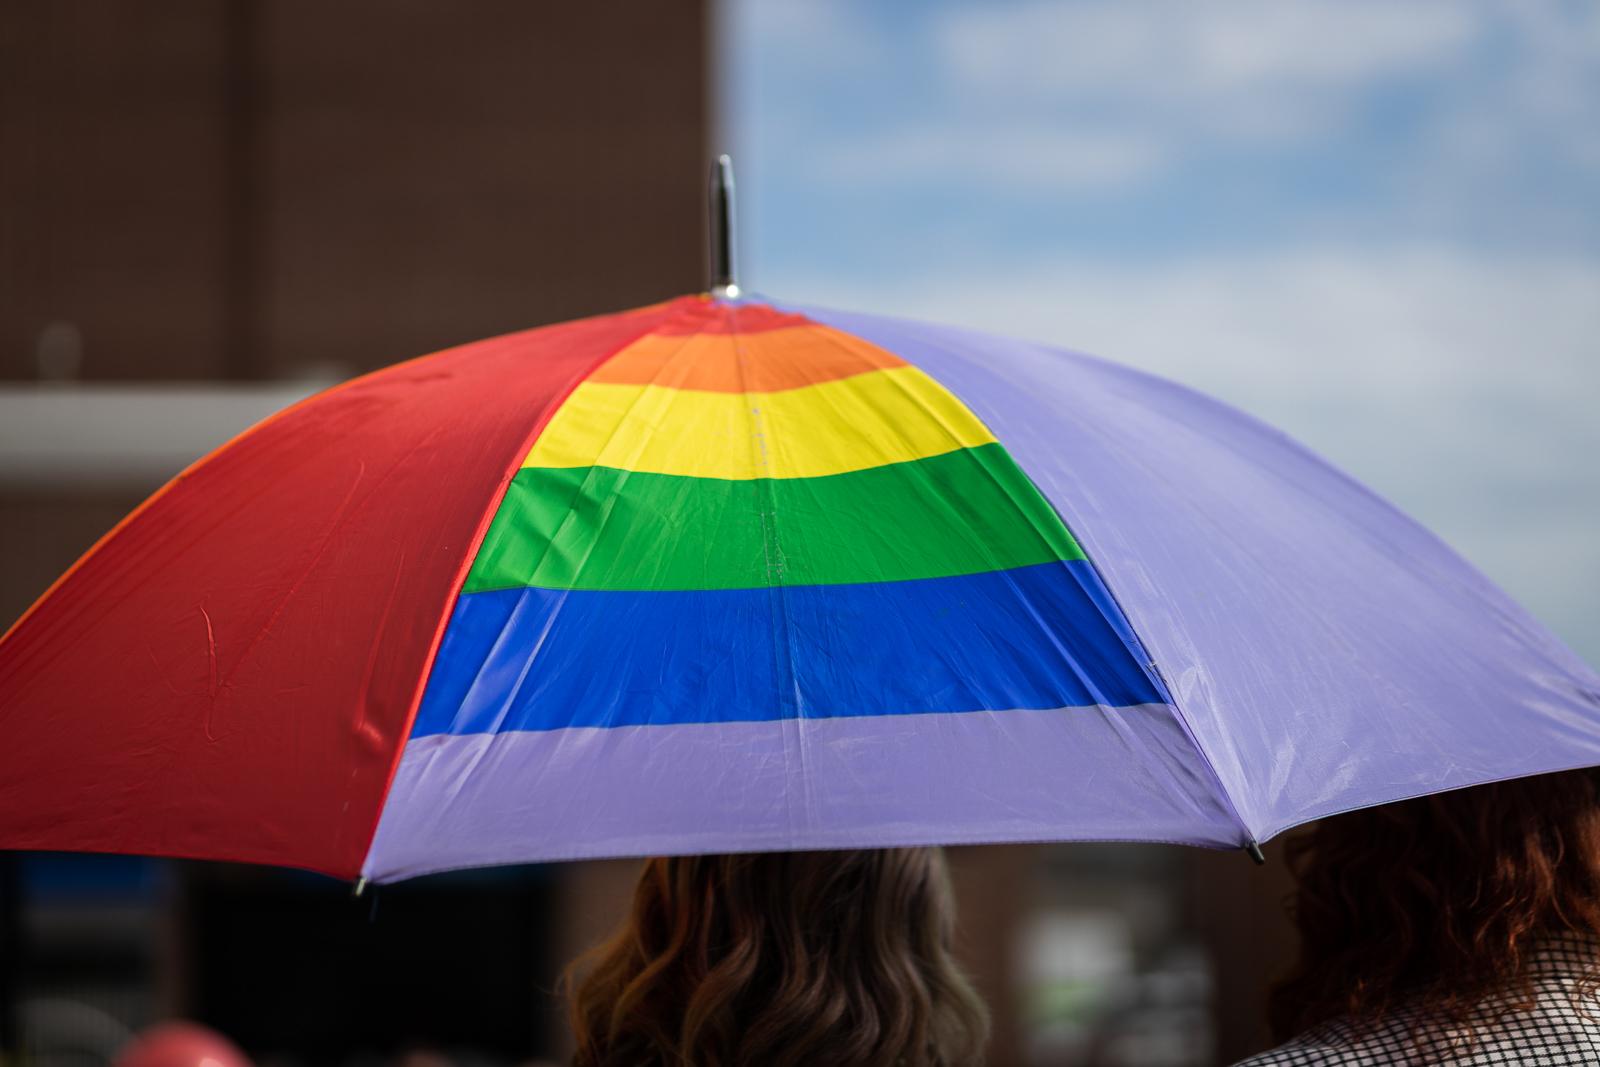 pride-2019-opening-ceremonies-blog-13.jpg